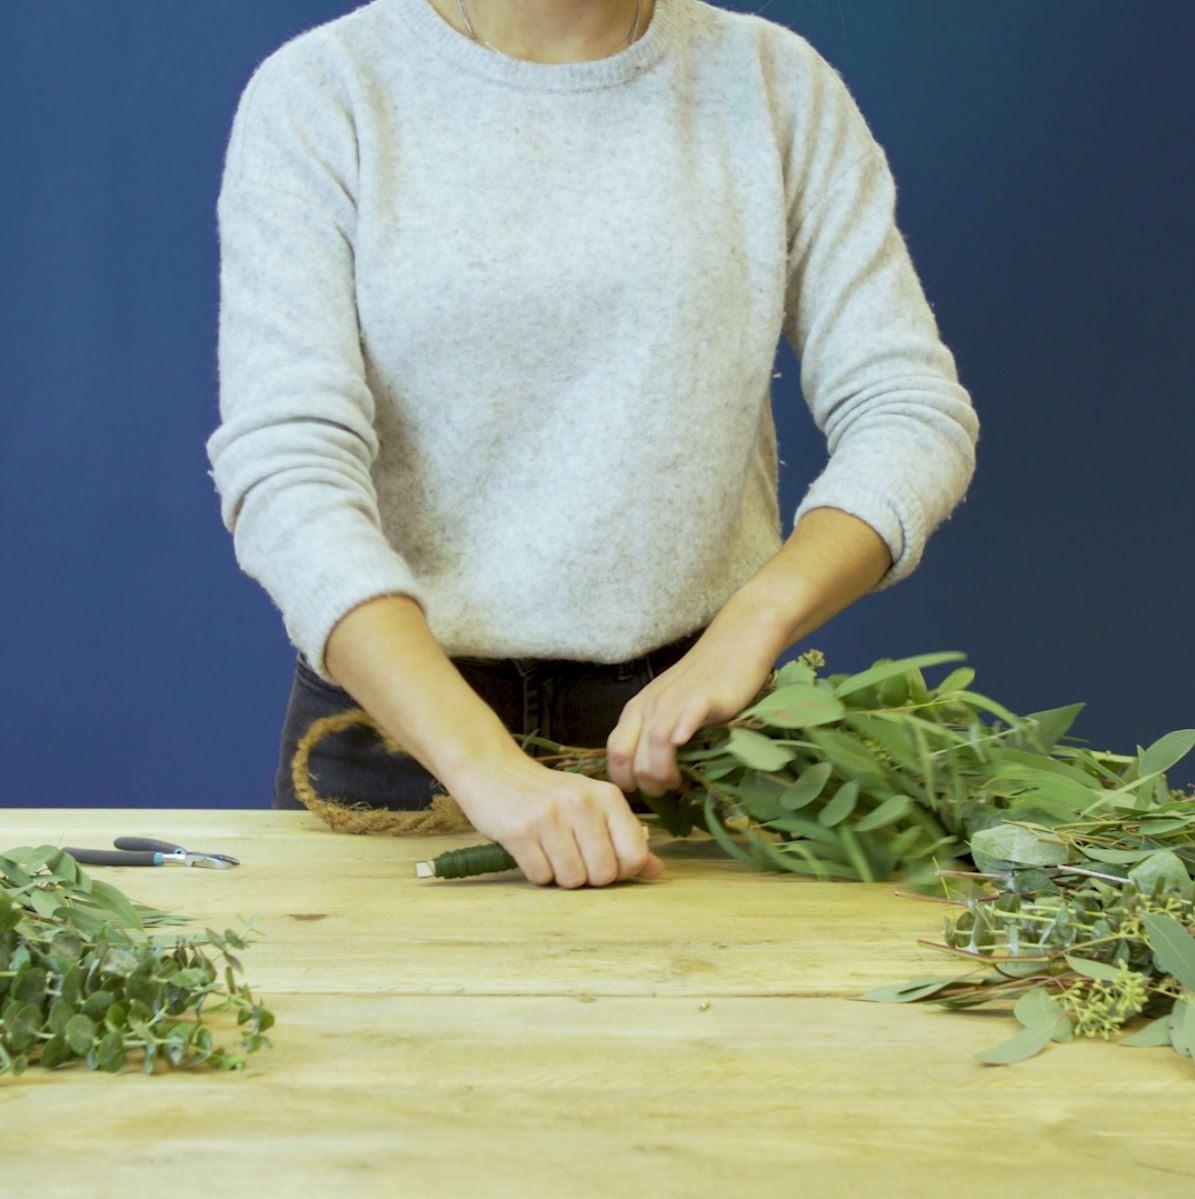 DIY groene tafelloper. Stap 3: Bind de takken aan het touw